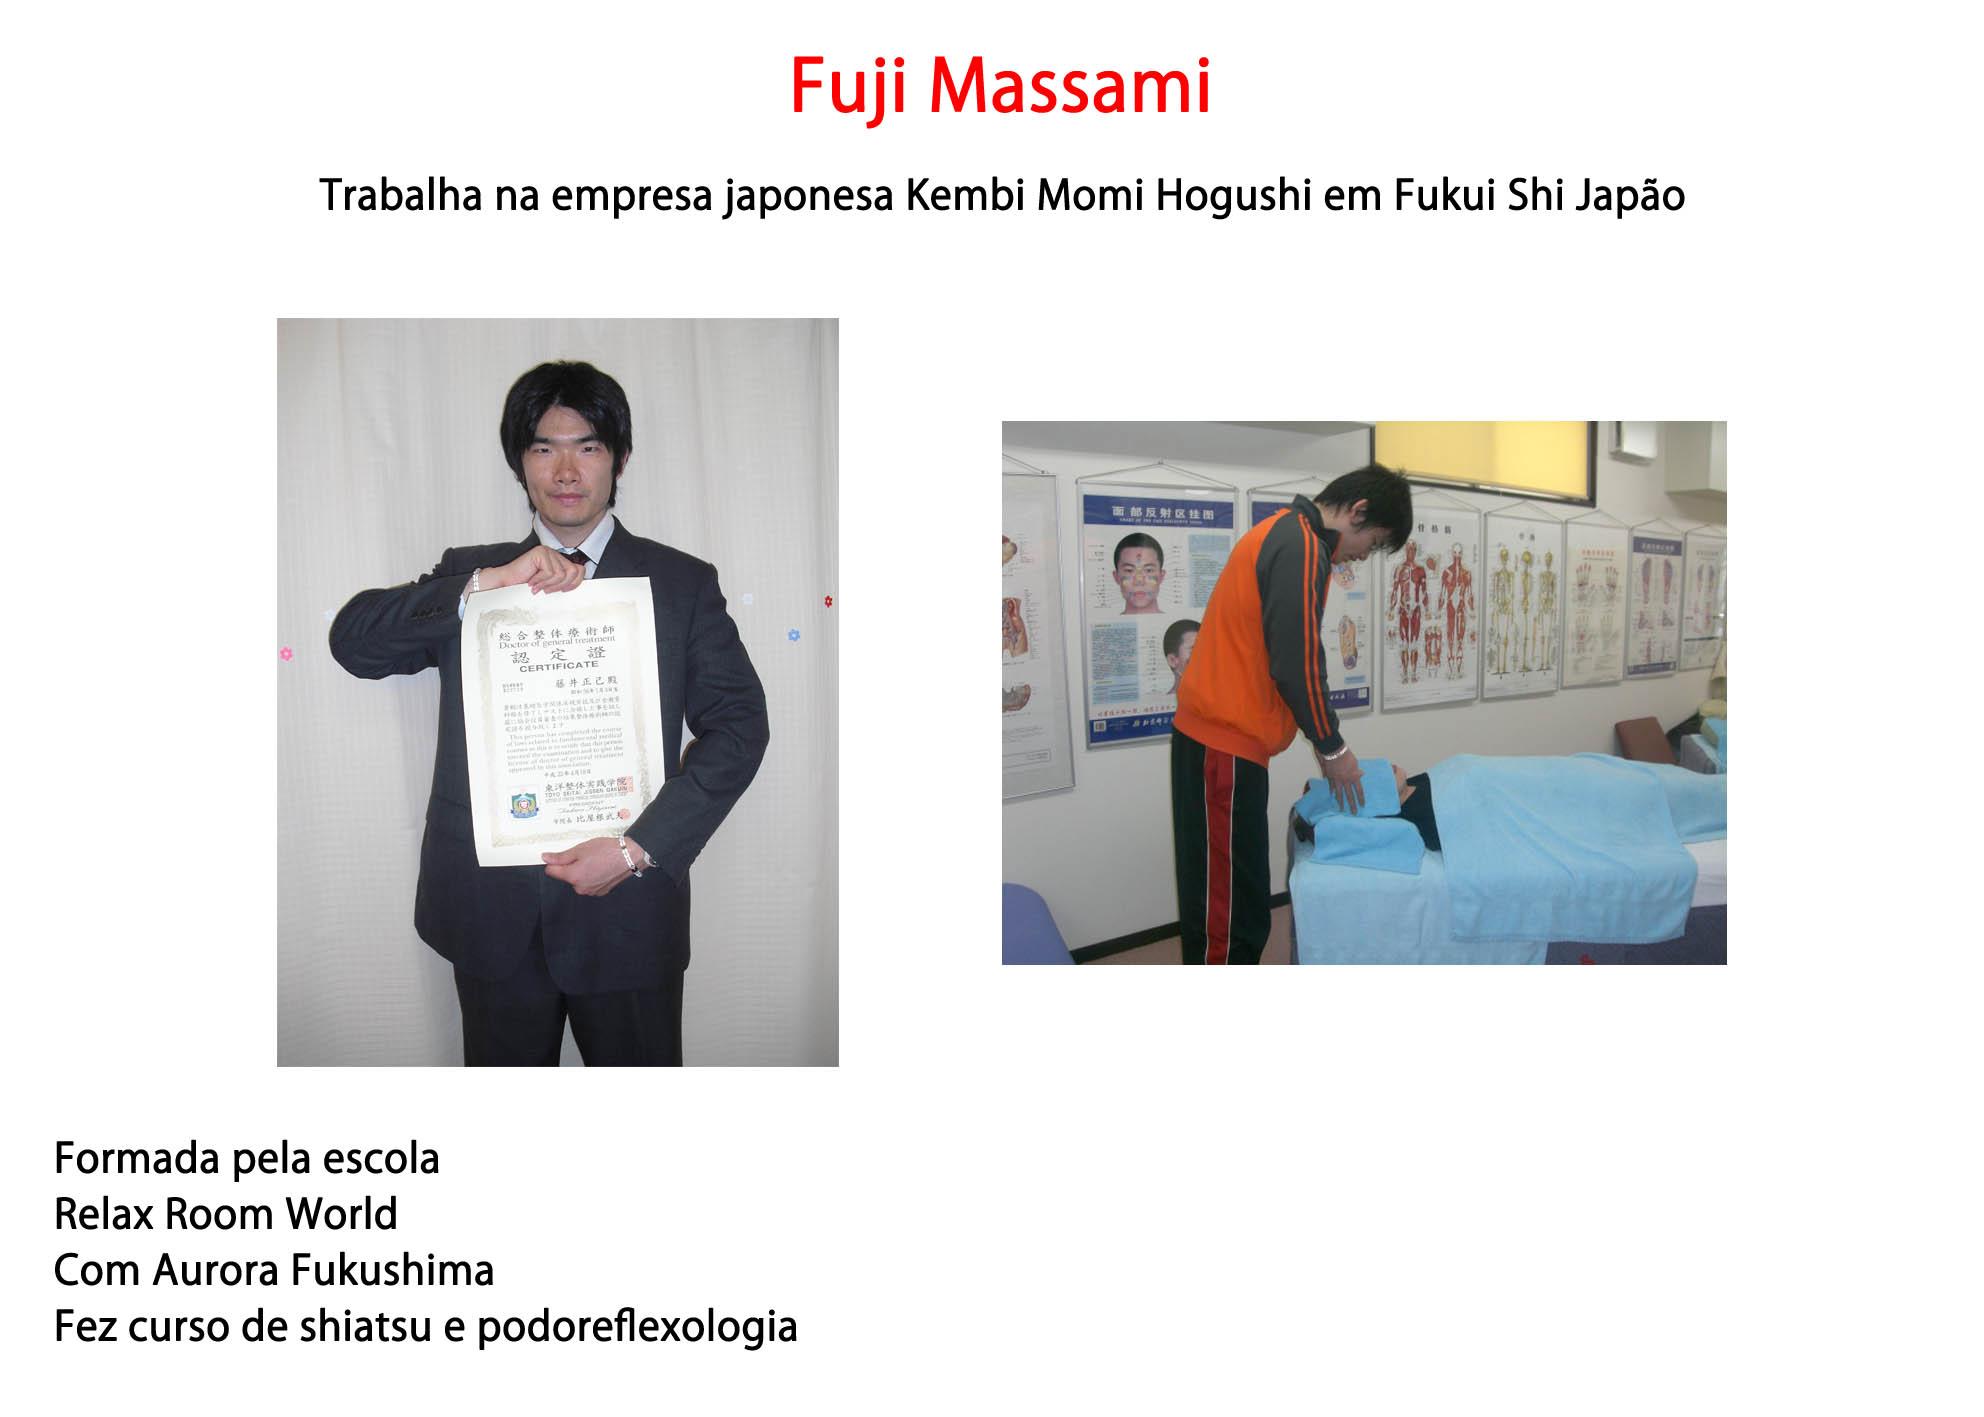 Fuji Massami